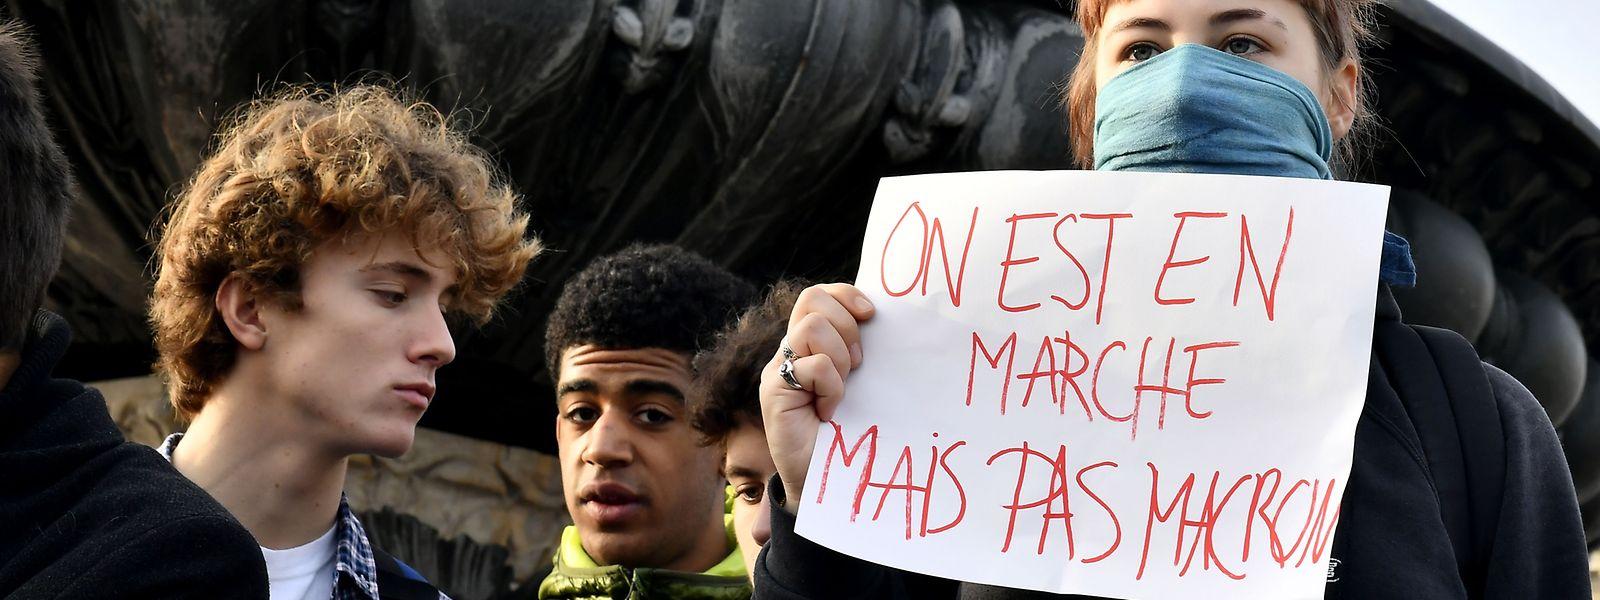 Die Proteste gegen Präsident Macron dauern an.